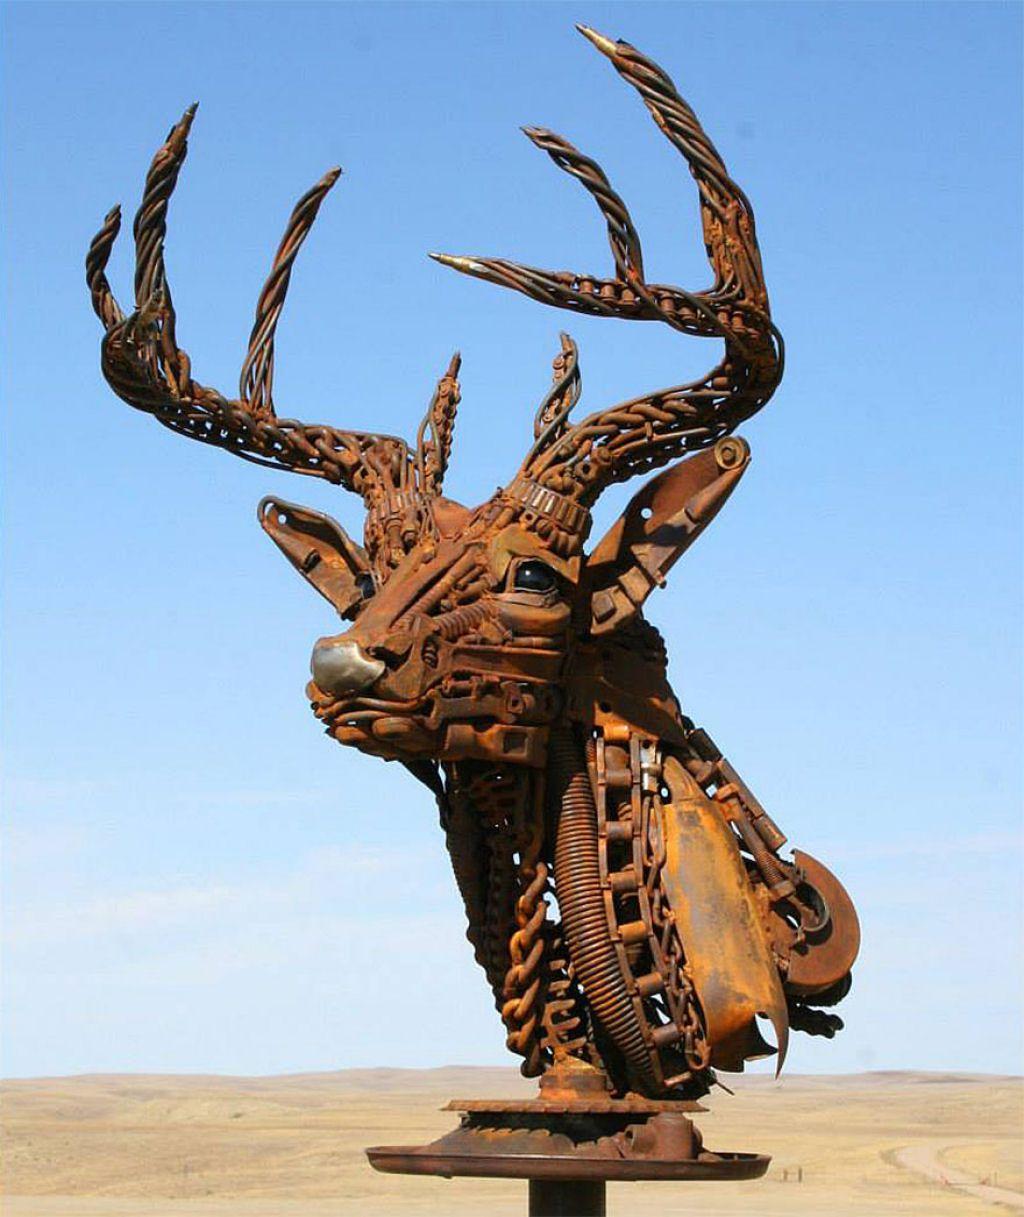 John Lopez esculturas metalicas (20)